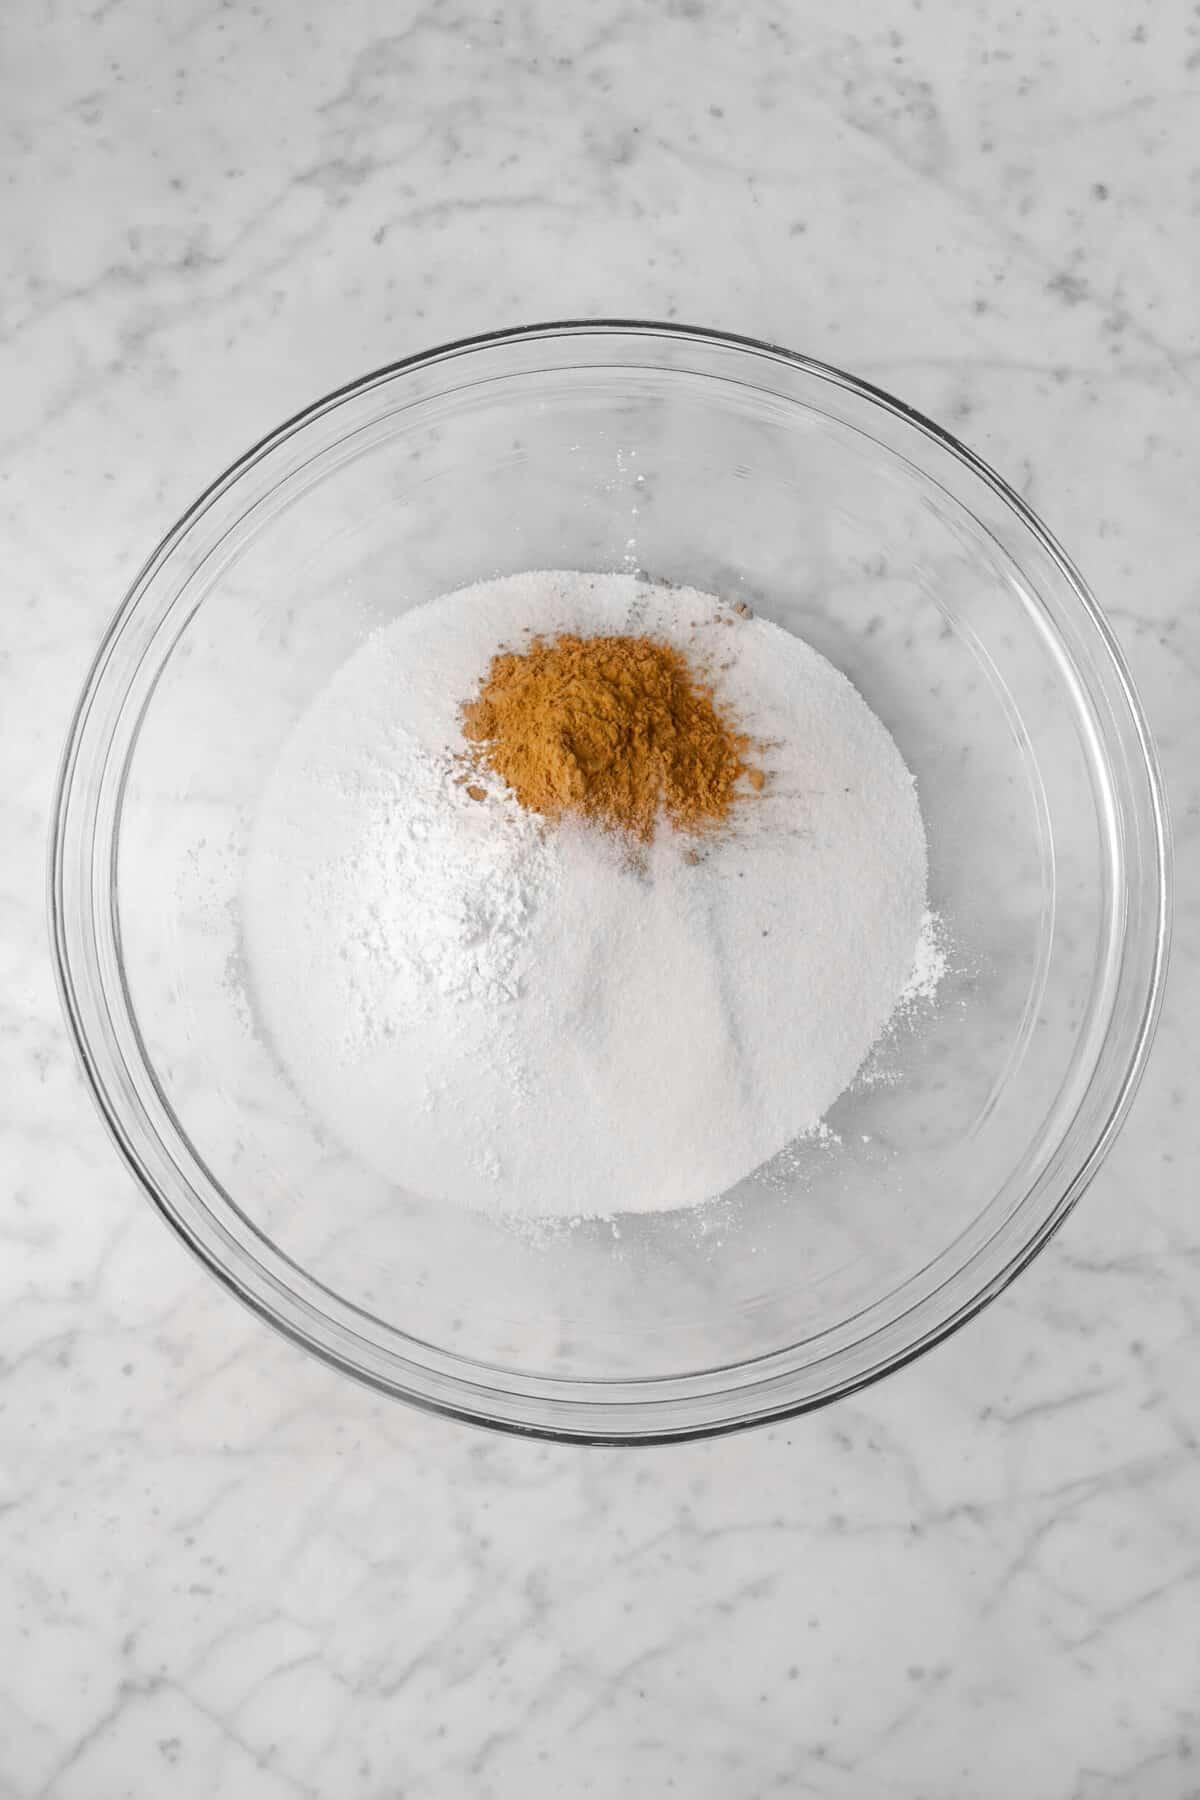 cinnamon, sugar, flour, and baking power in a bowl